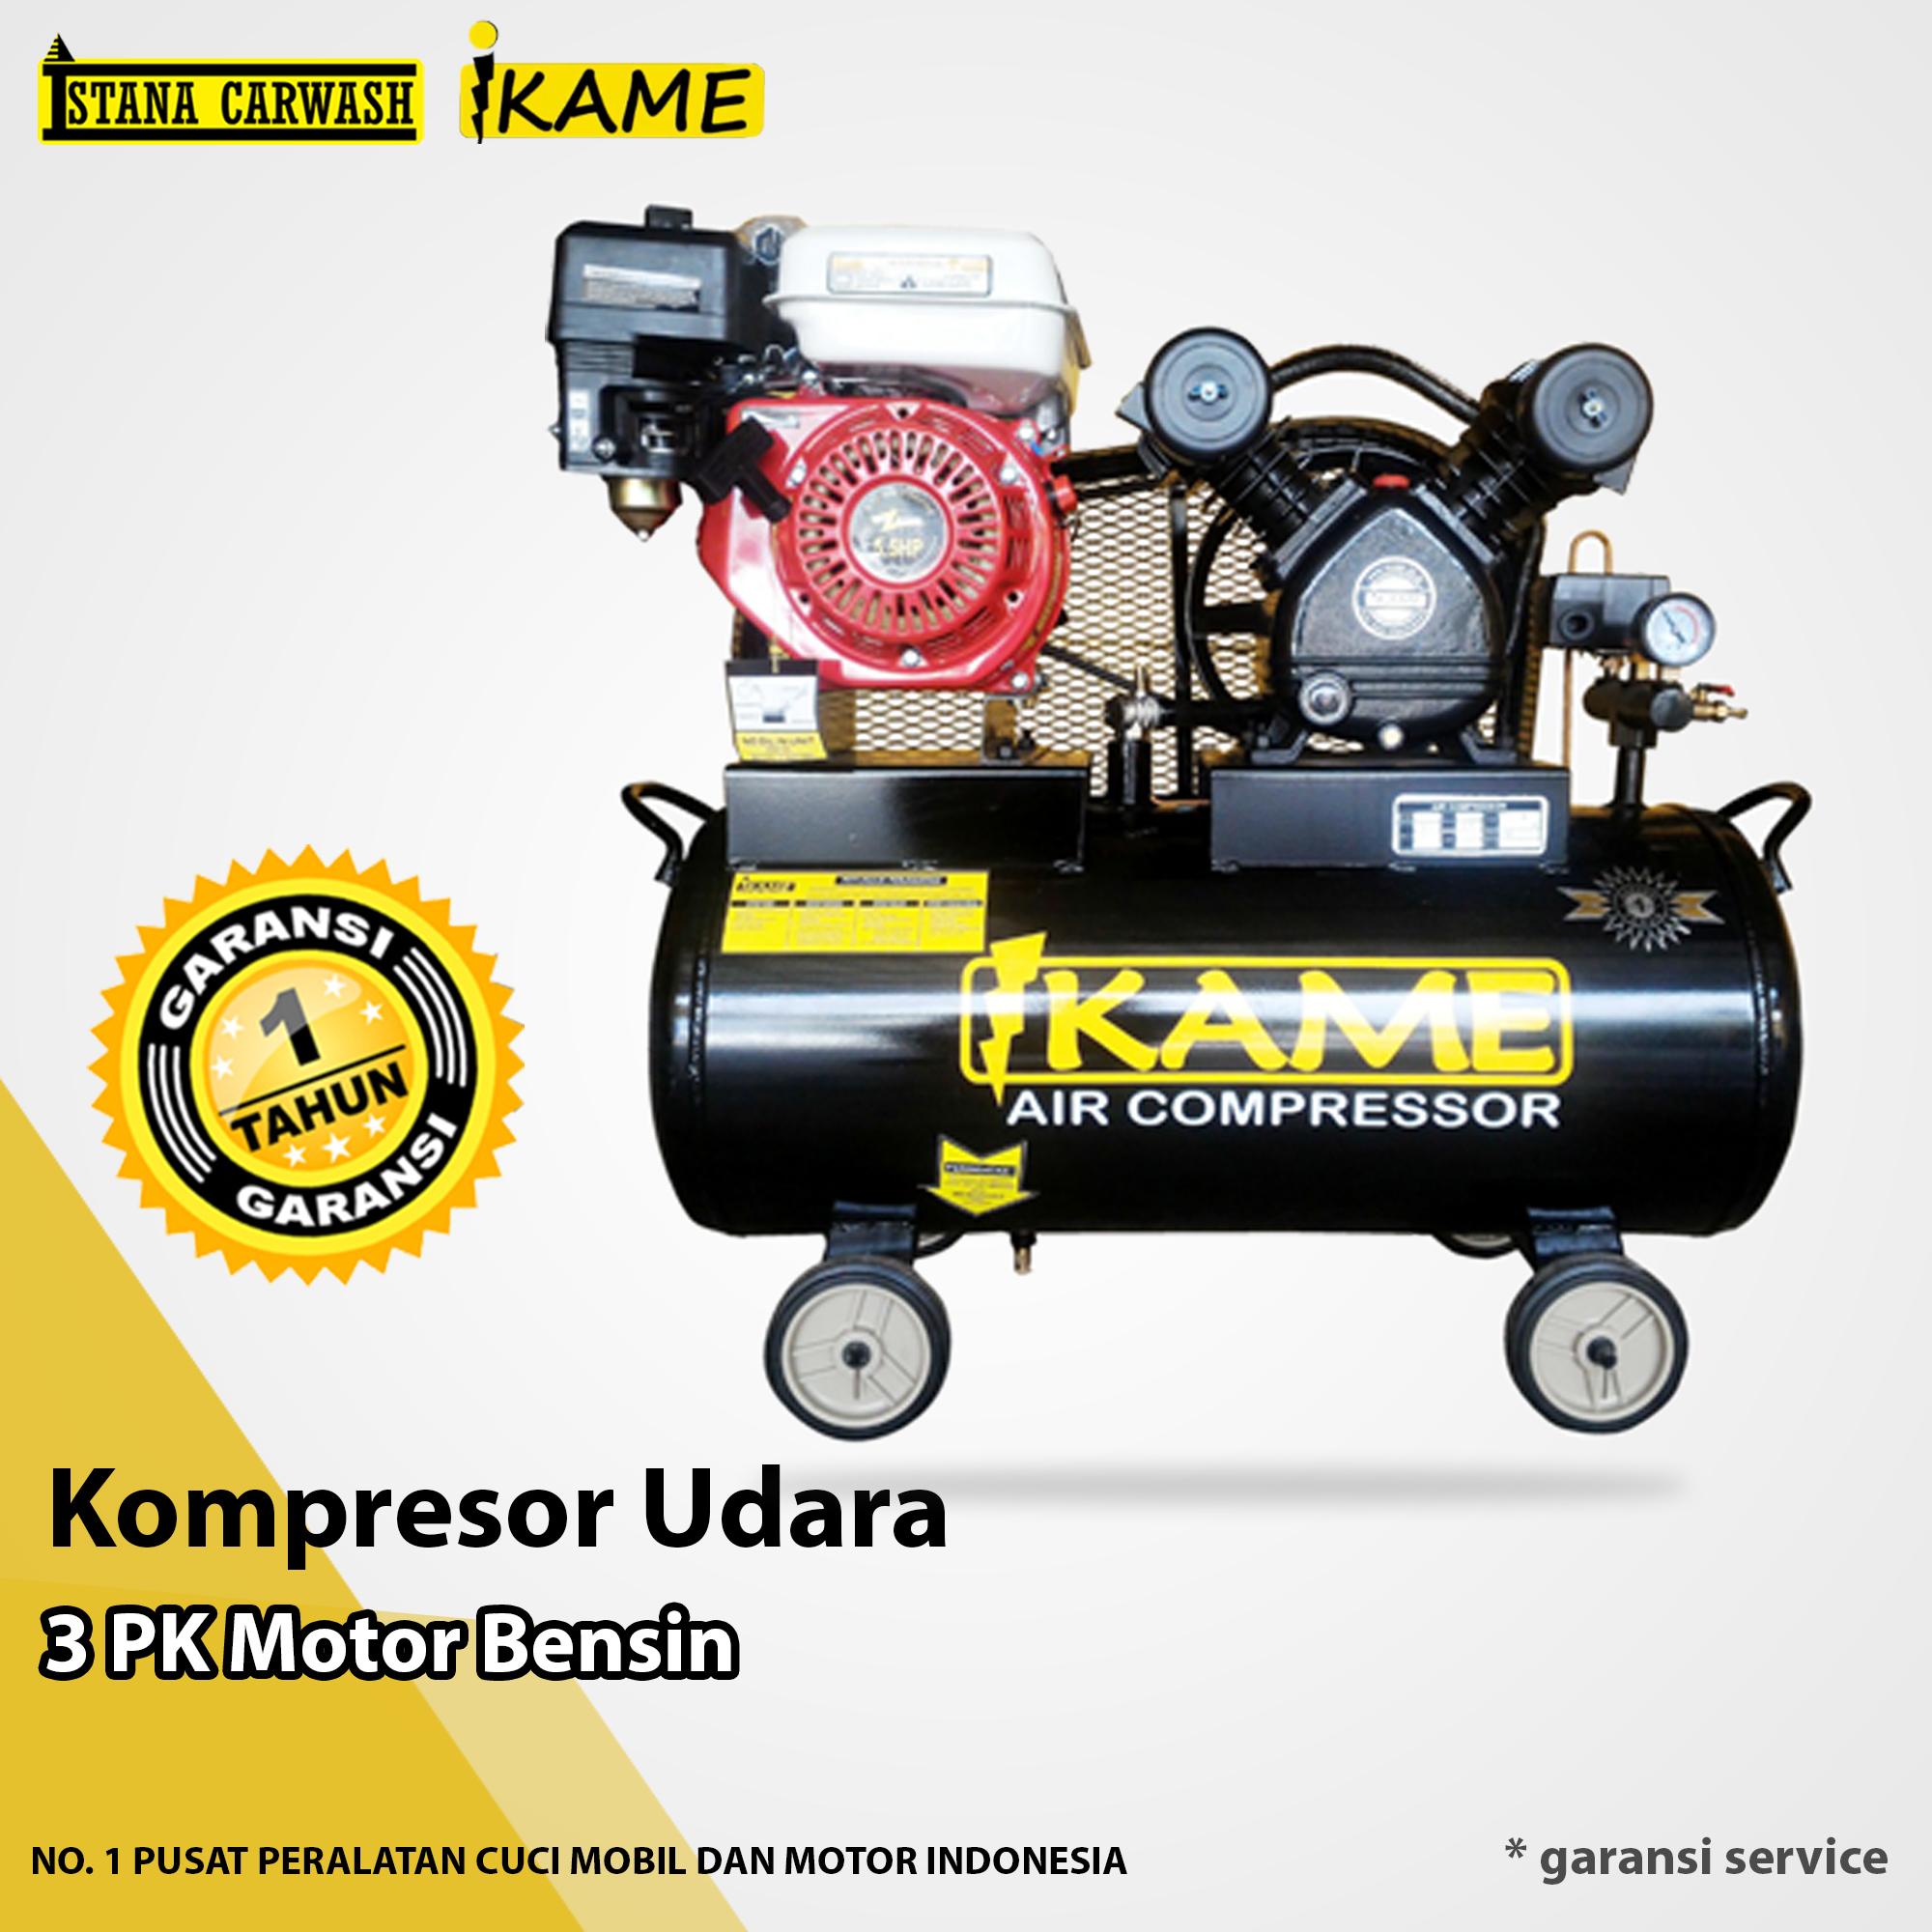 Kompresor Udara Ikame 3 PK Motor Bensin